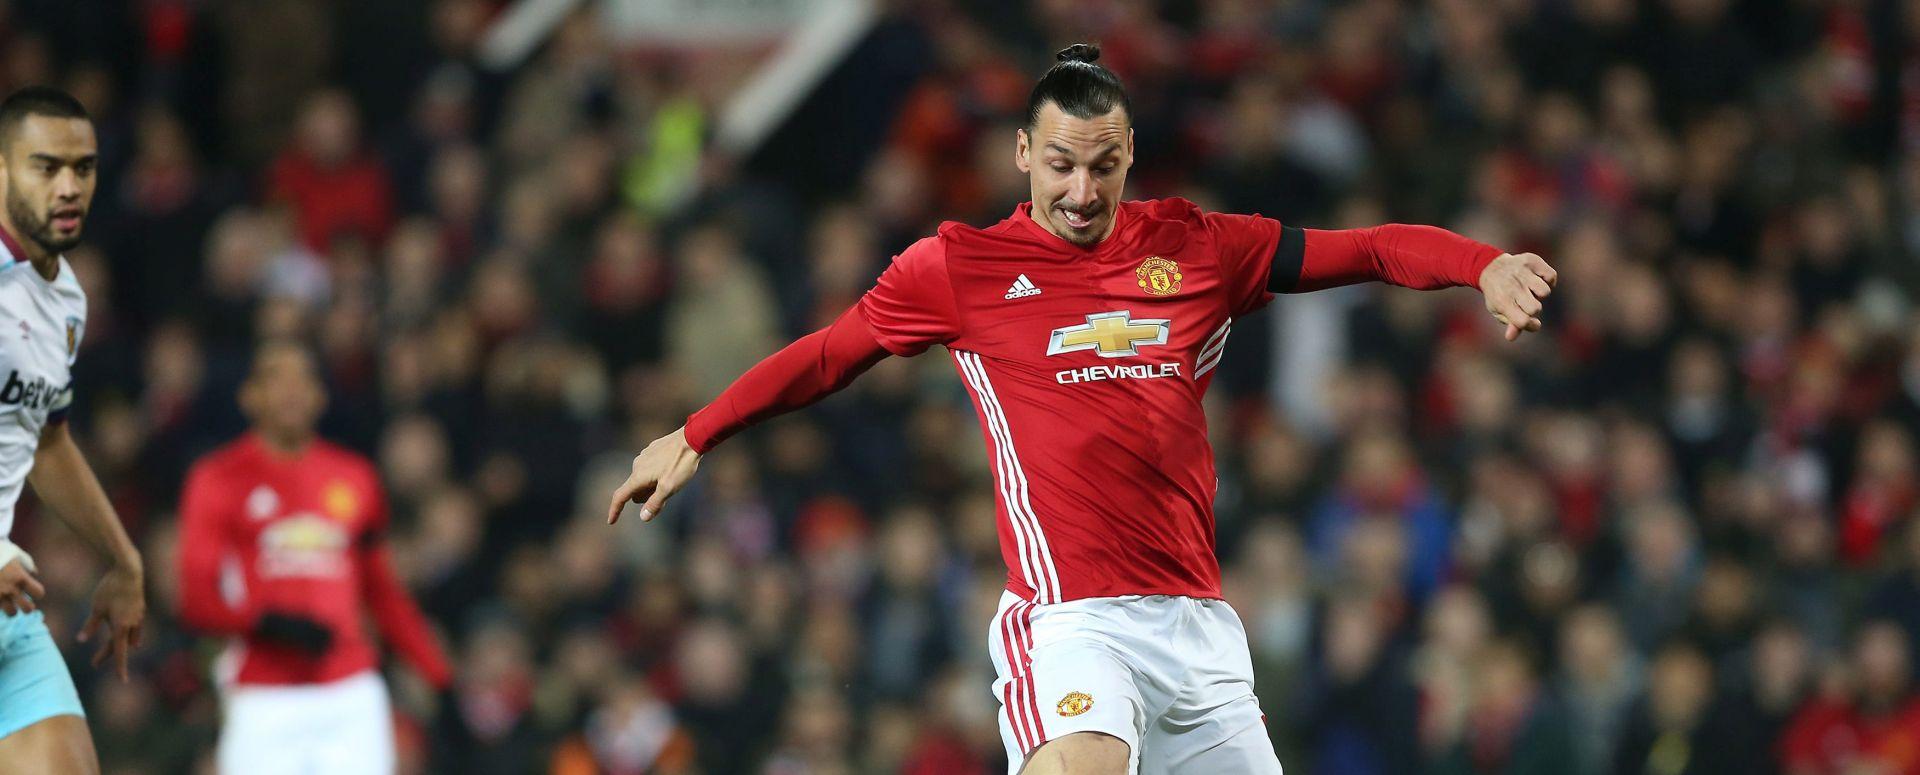 PREMIERLIGA United s igračem više remizirao s Bournemouthom, Ibrahimović promašio penal za pobjedu